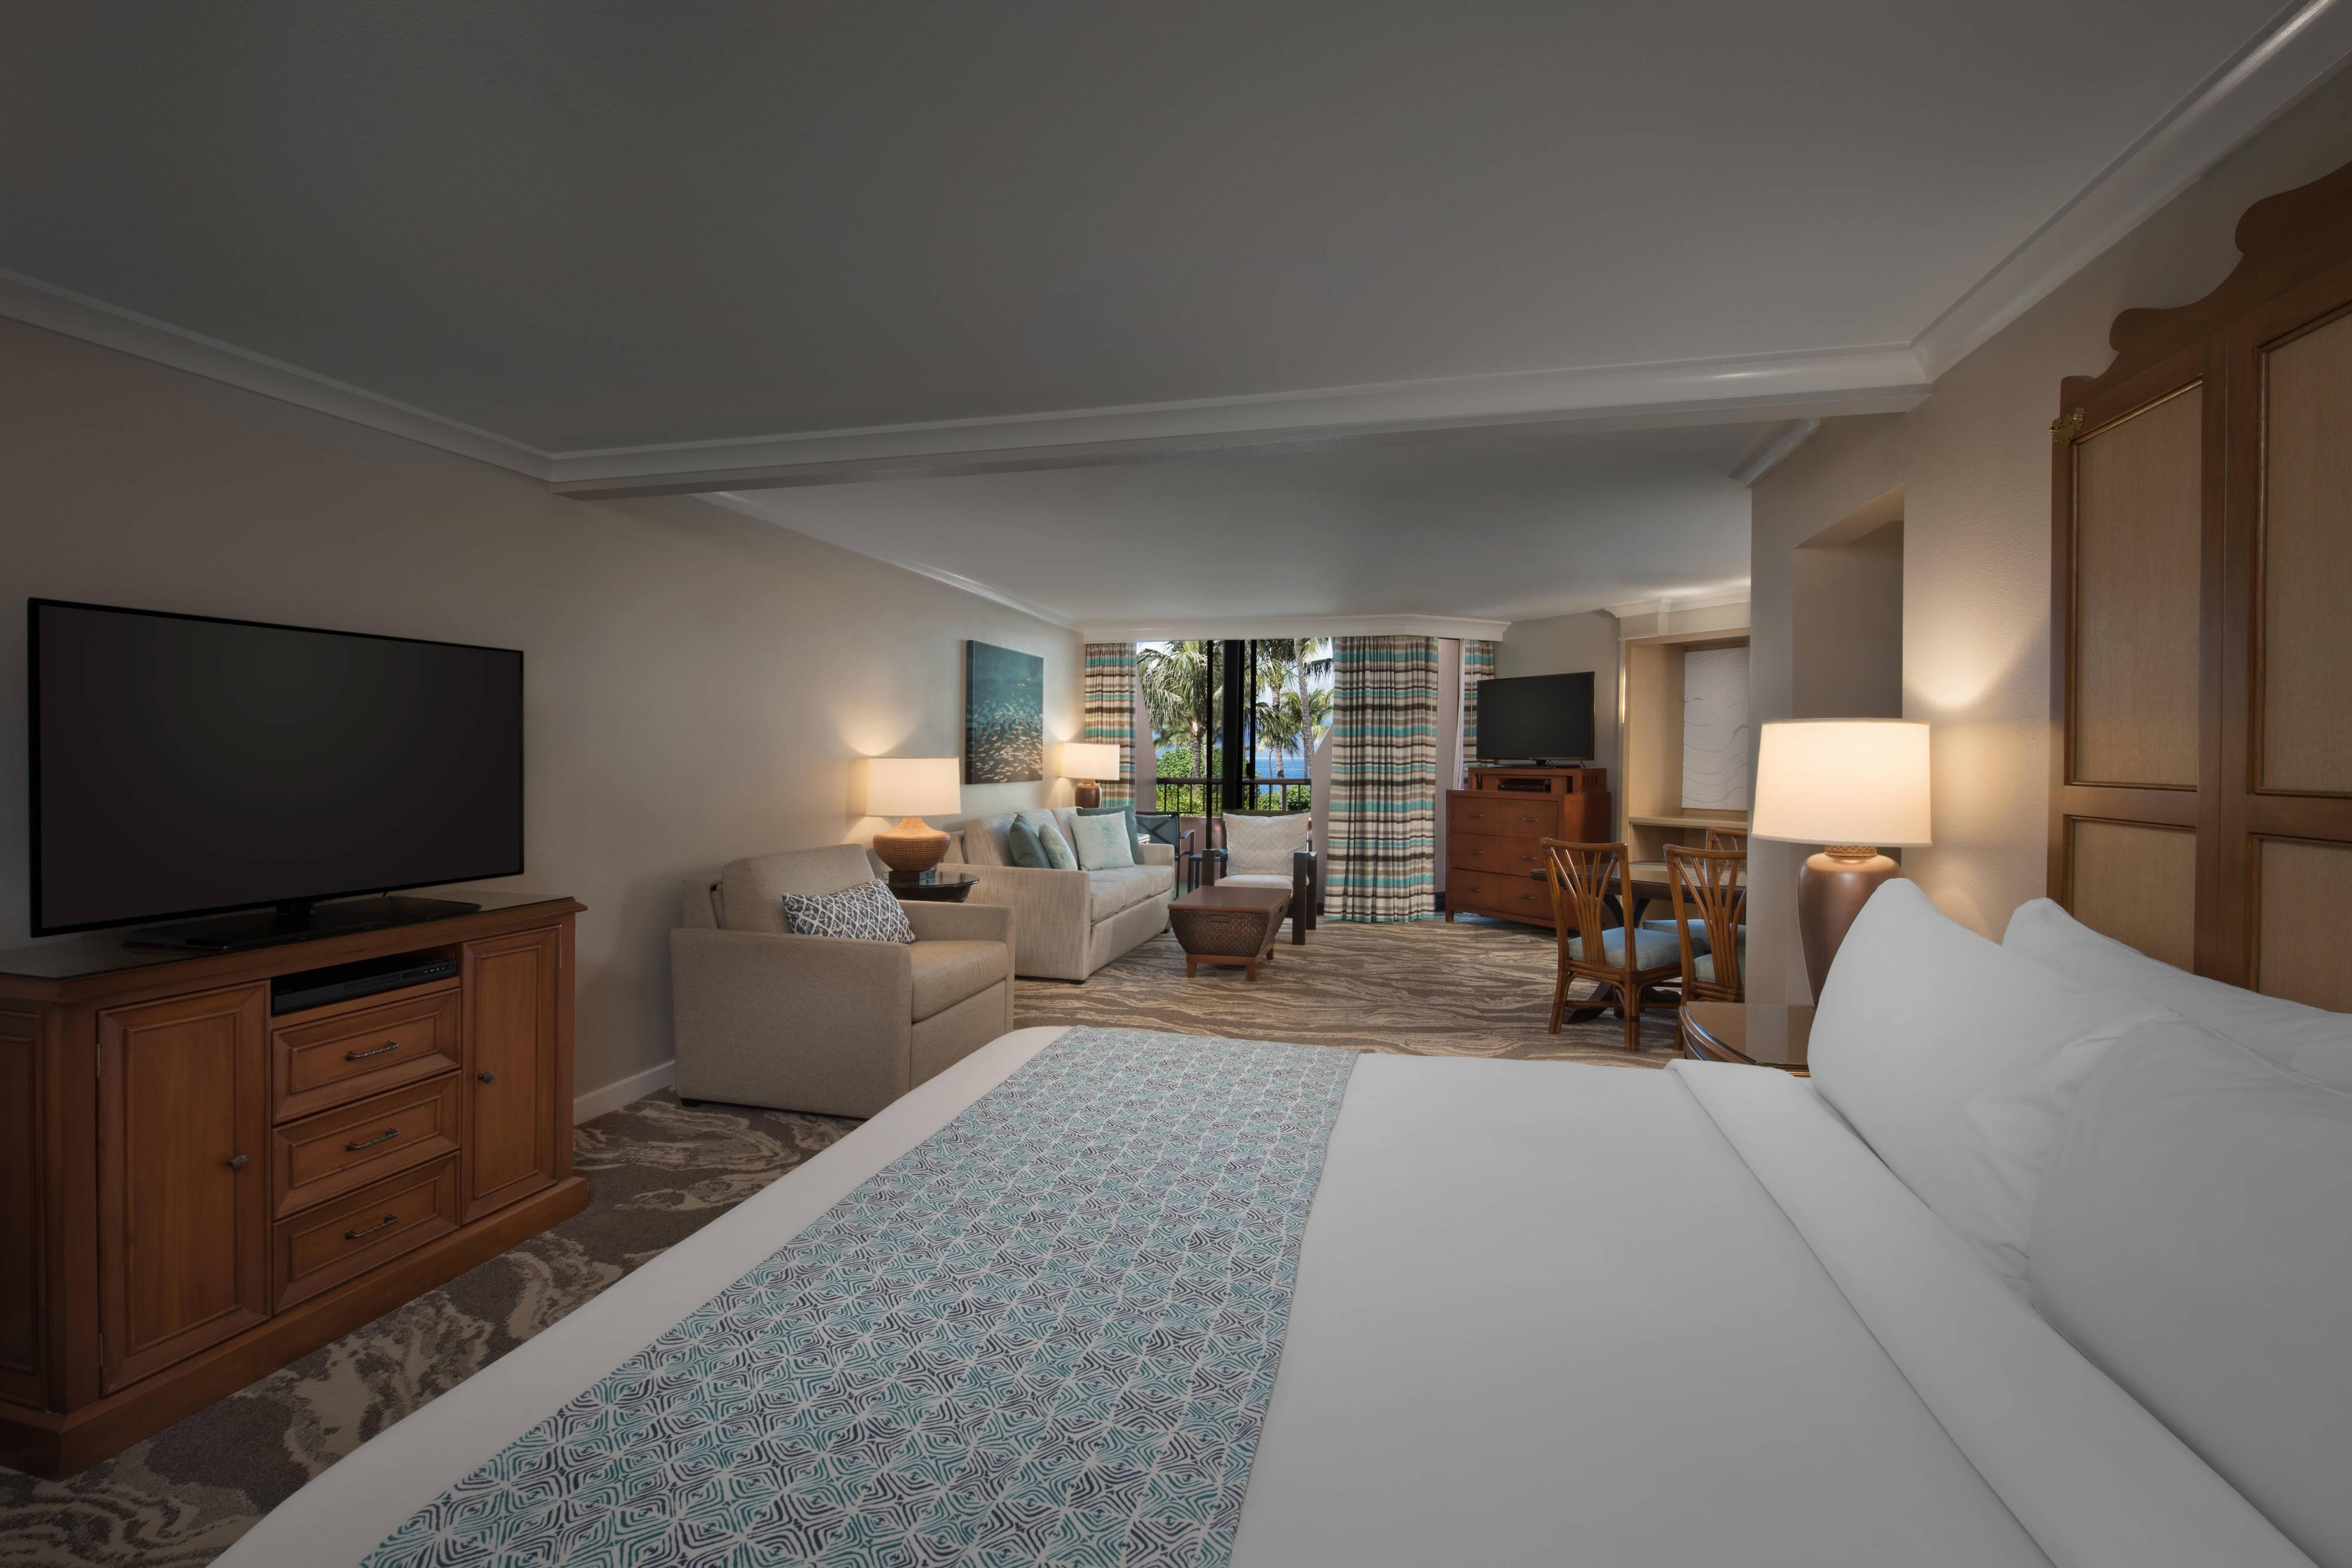 Chambre avec lit king size et vue sur mer, aile Maui